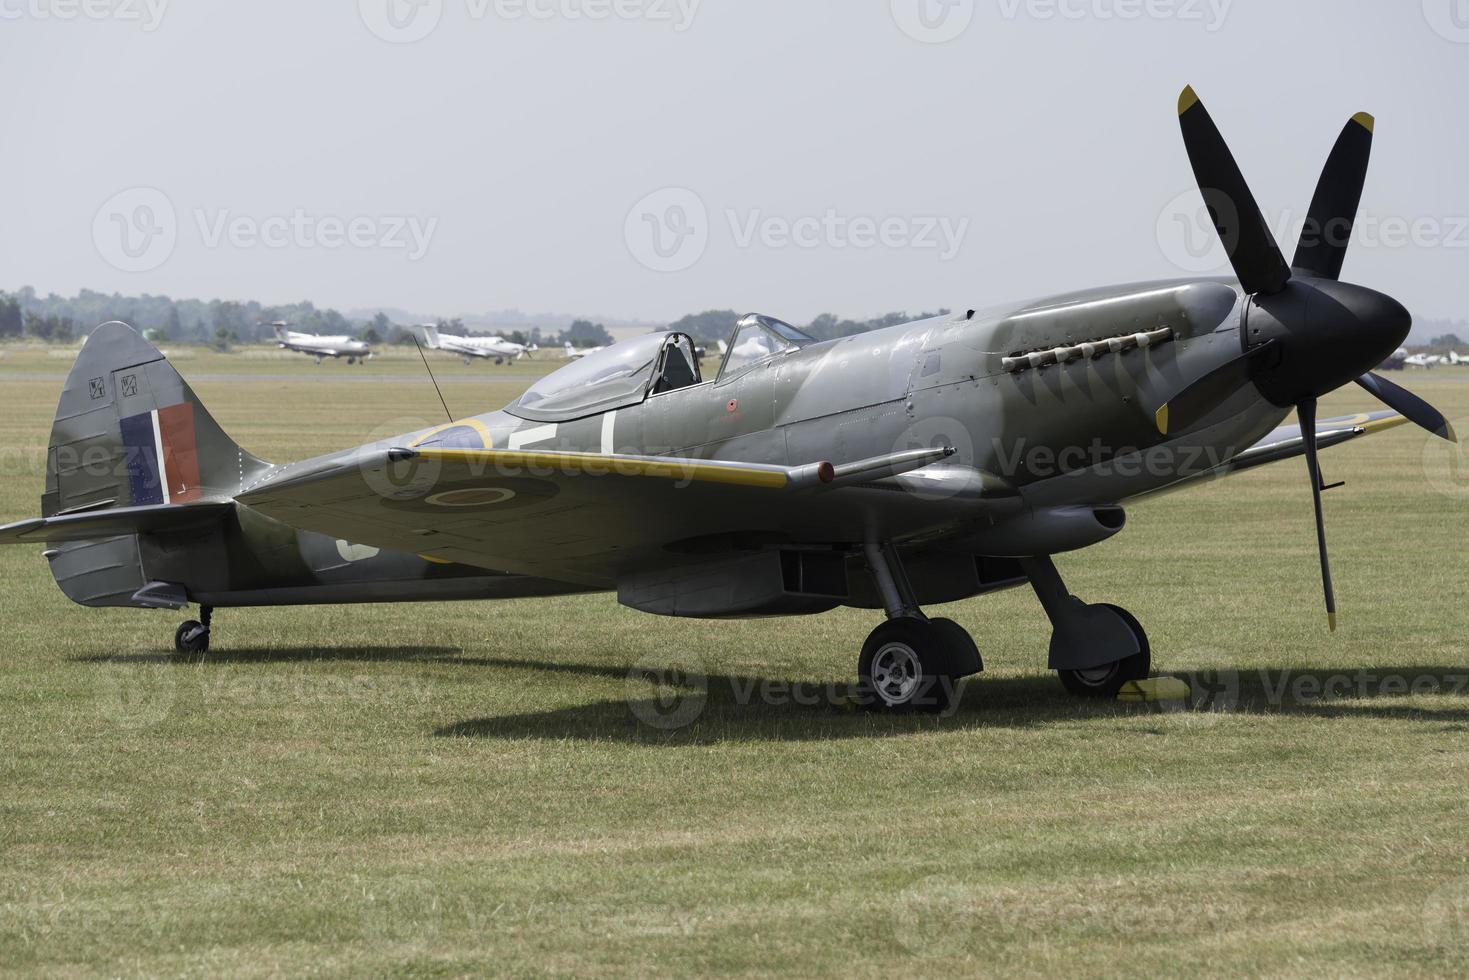 Vintage Spitfire fighter photo